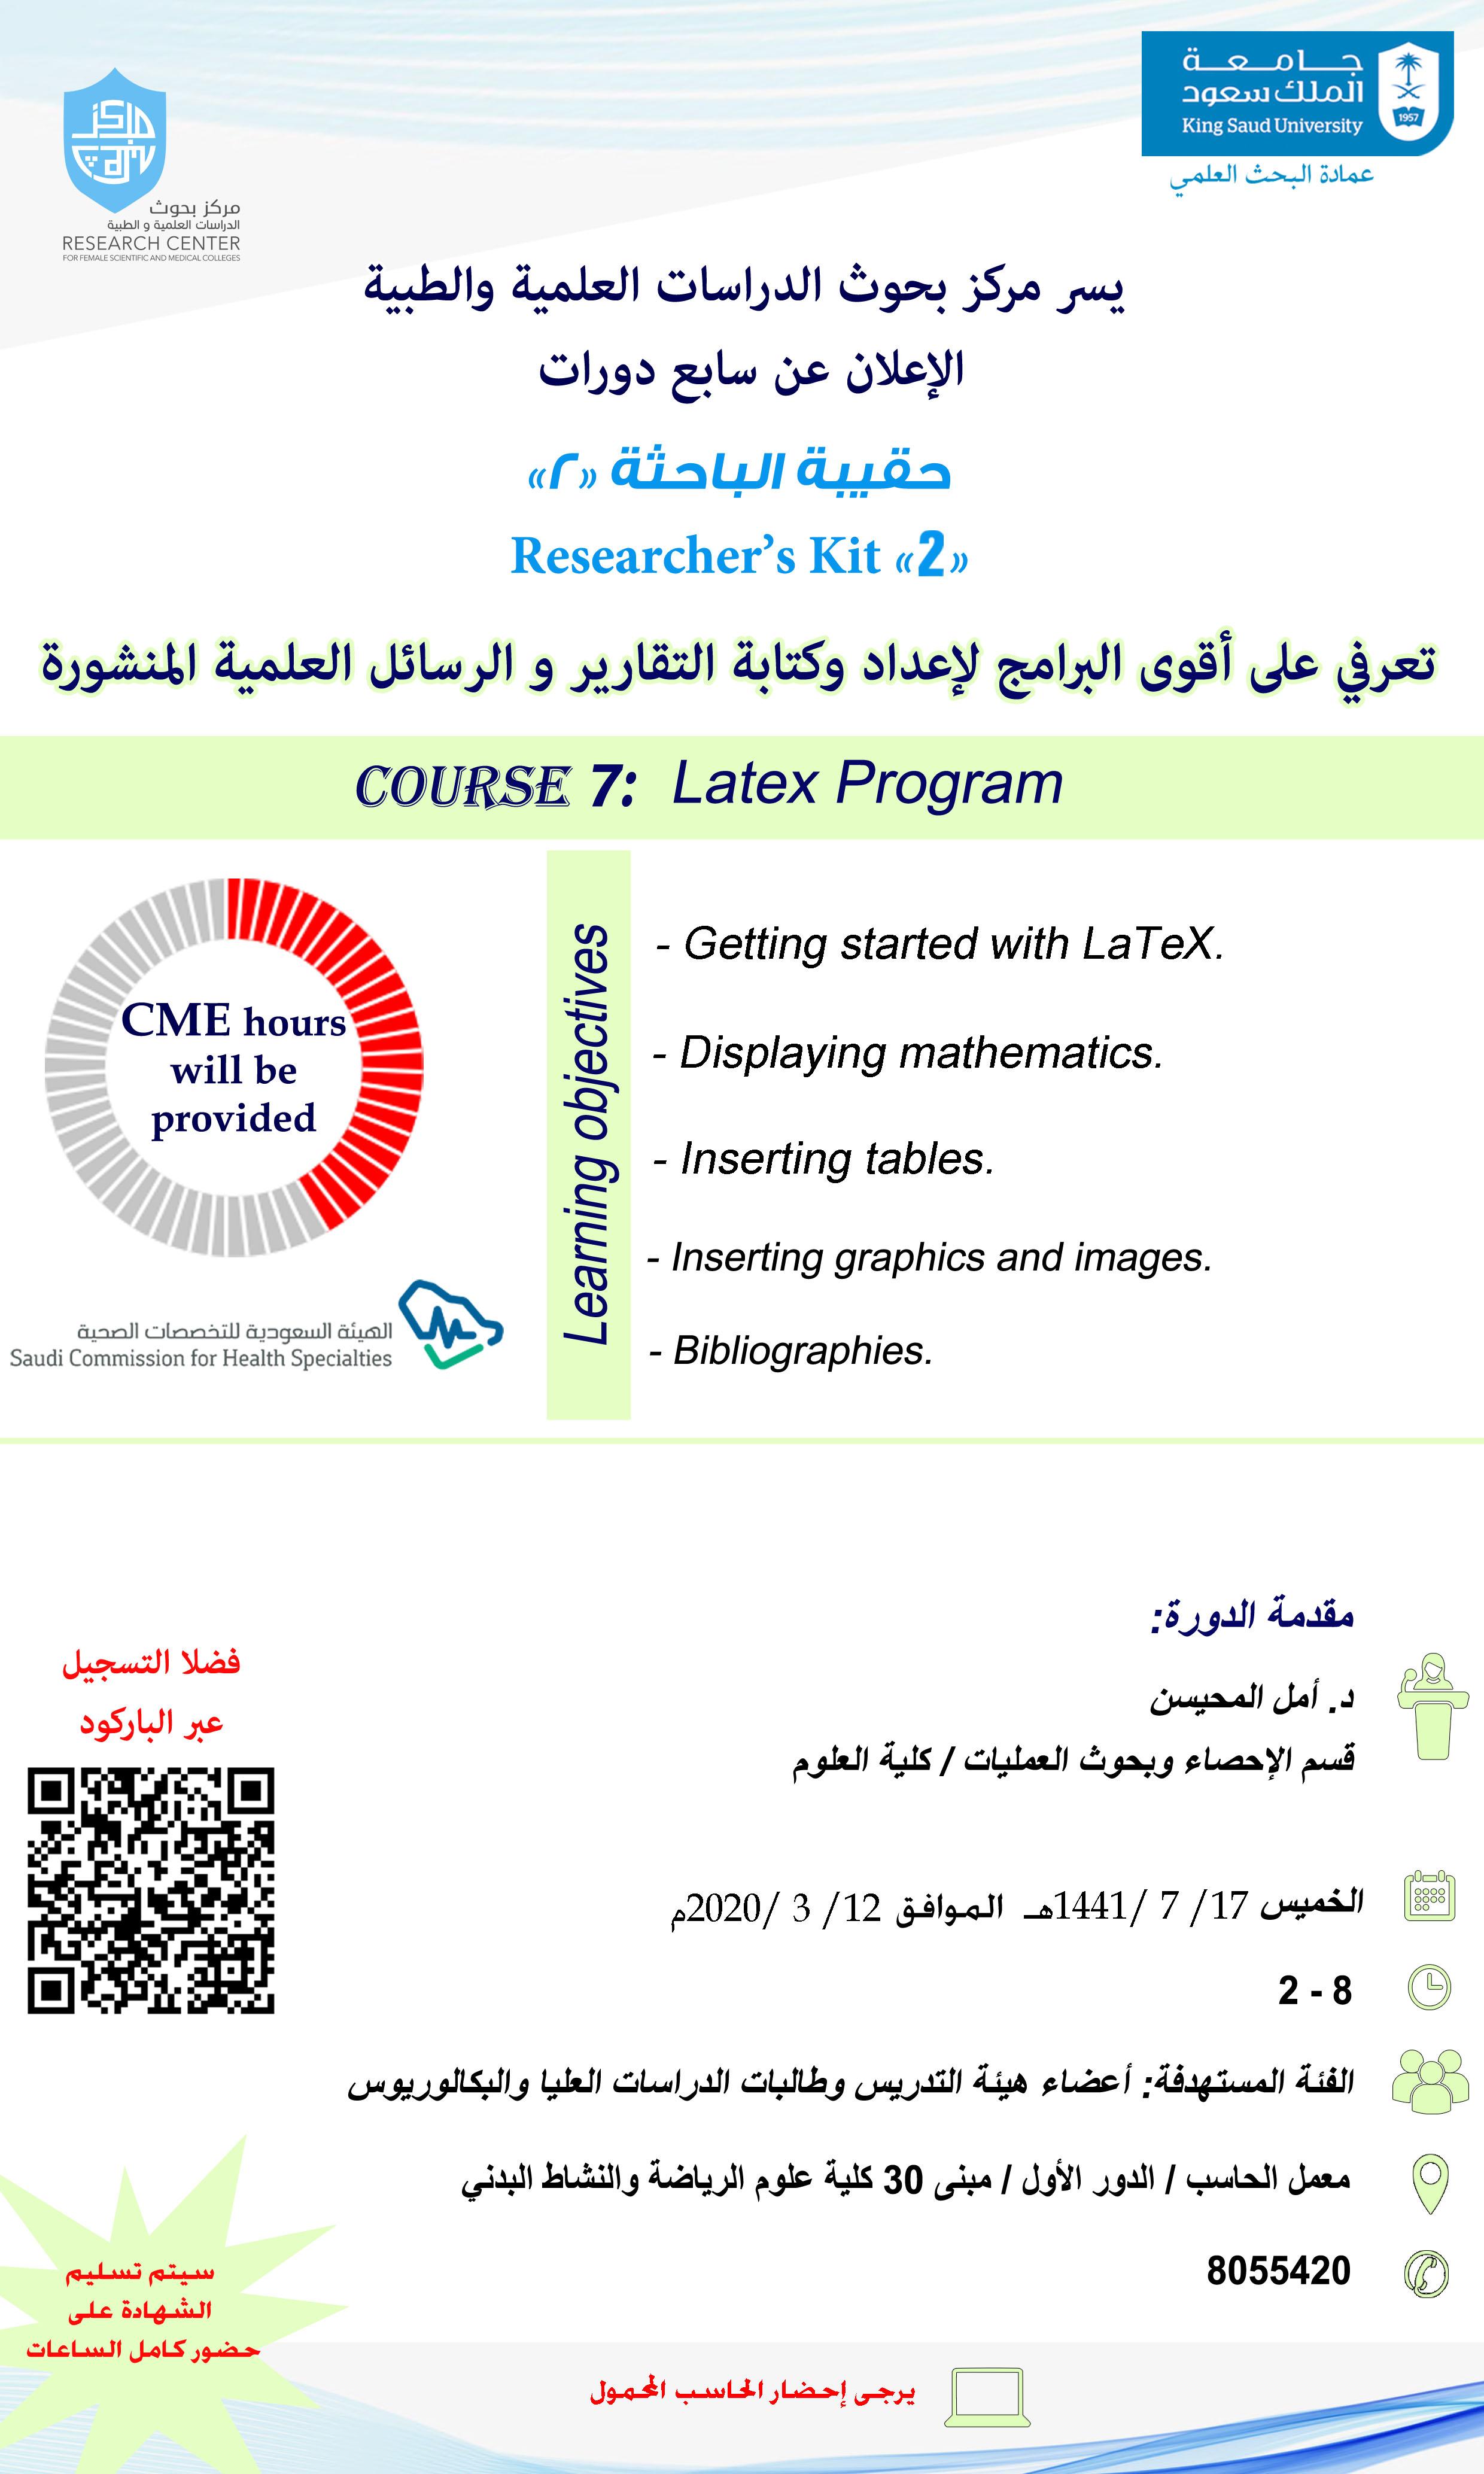 course 7